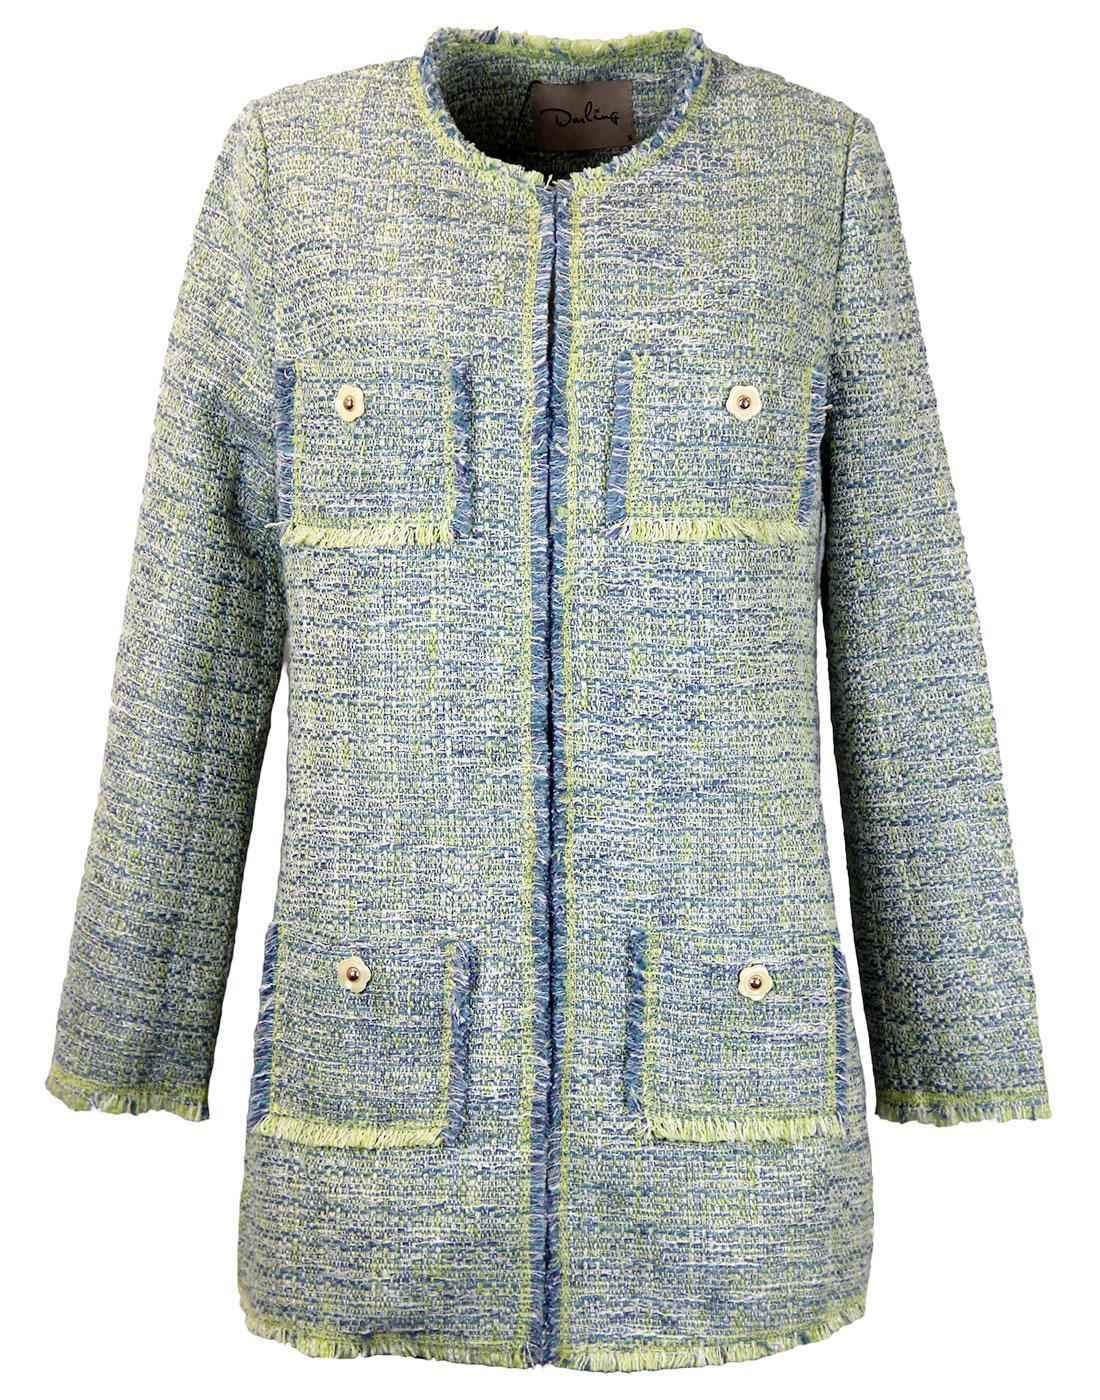 Esmee DARLING 1960s Mod Tweed Look Weave Coat